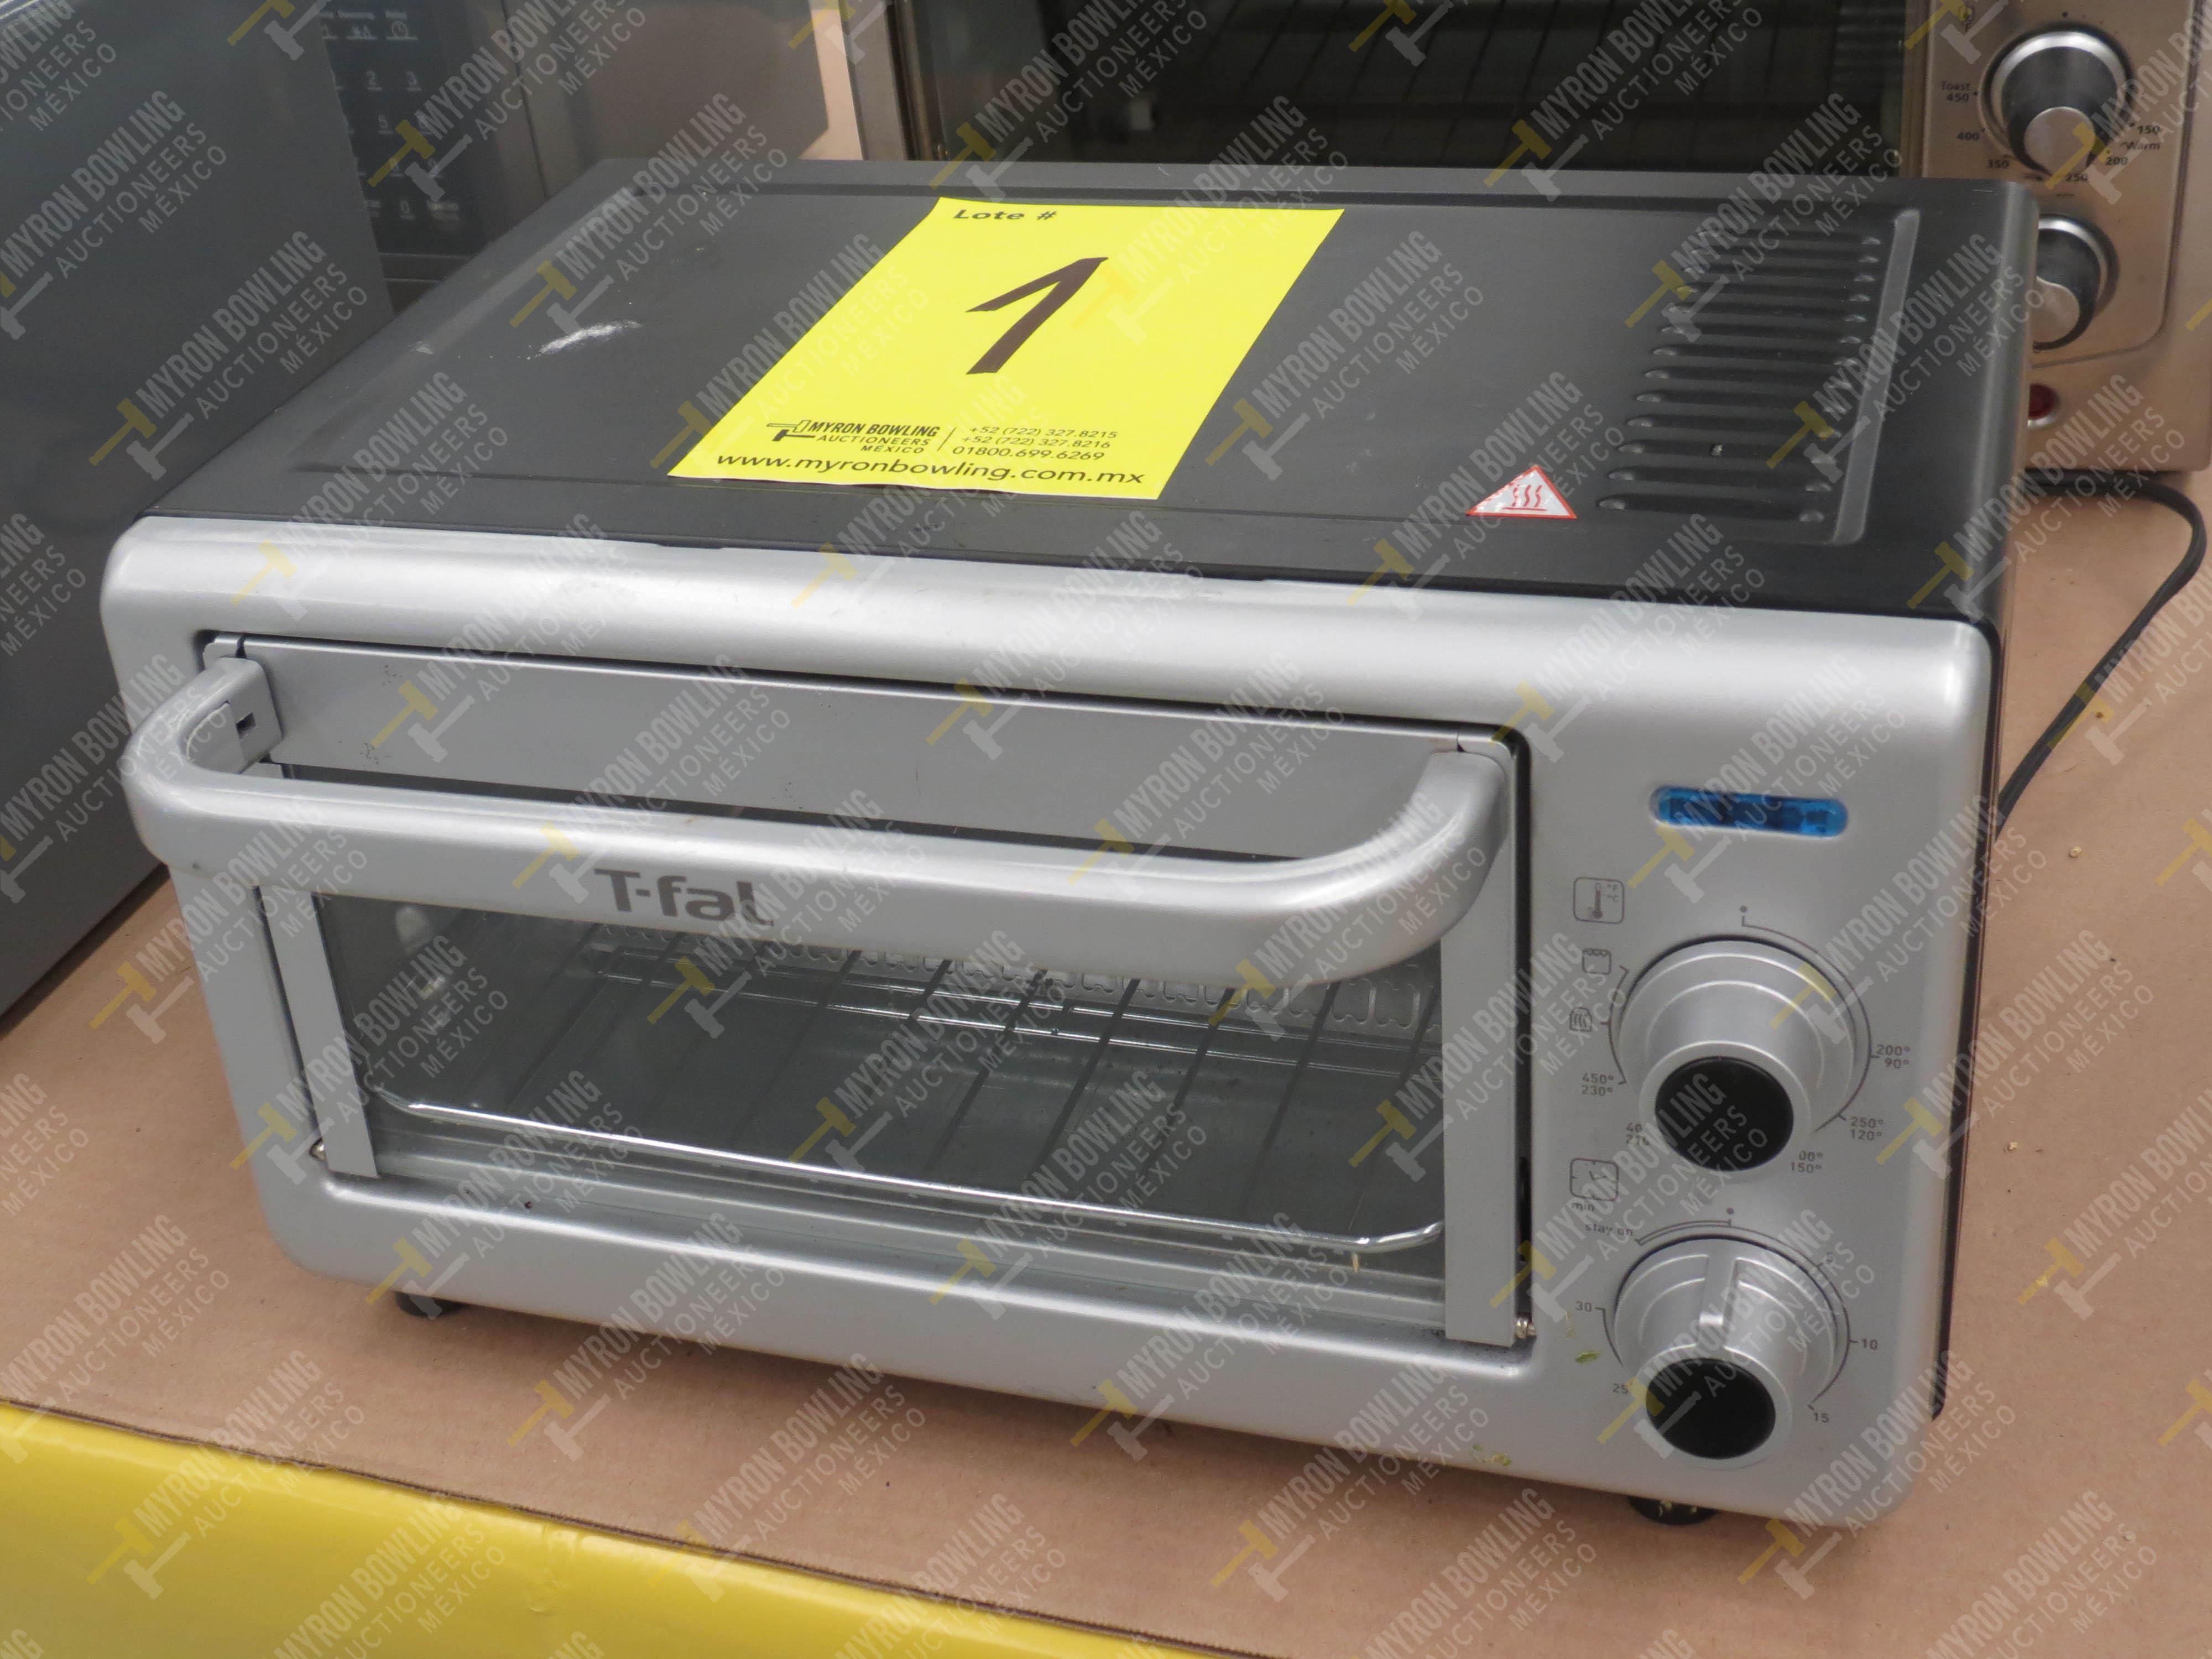 1 Horno eléctrico marca T-fal, Modelo OF160850 No. de Serie T066 y 1 Horno de microondas